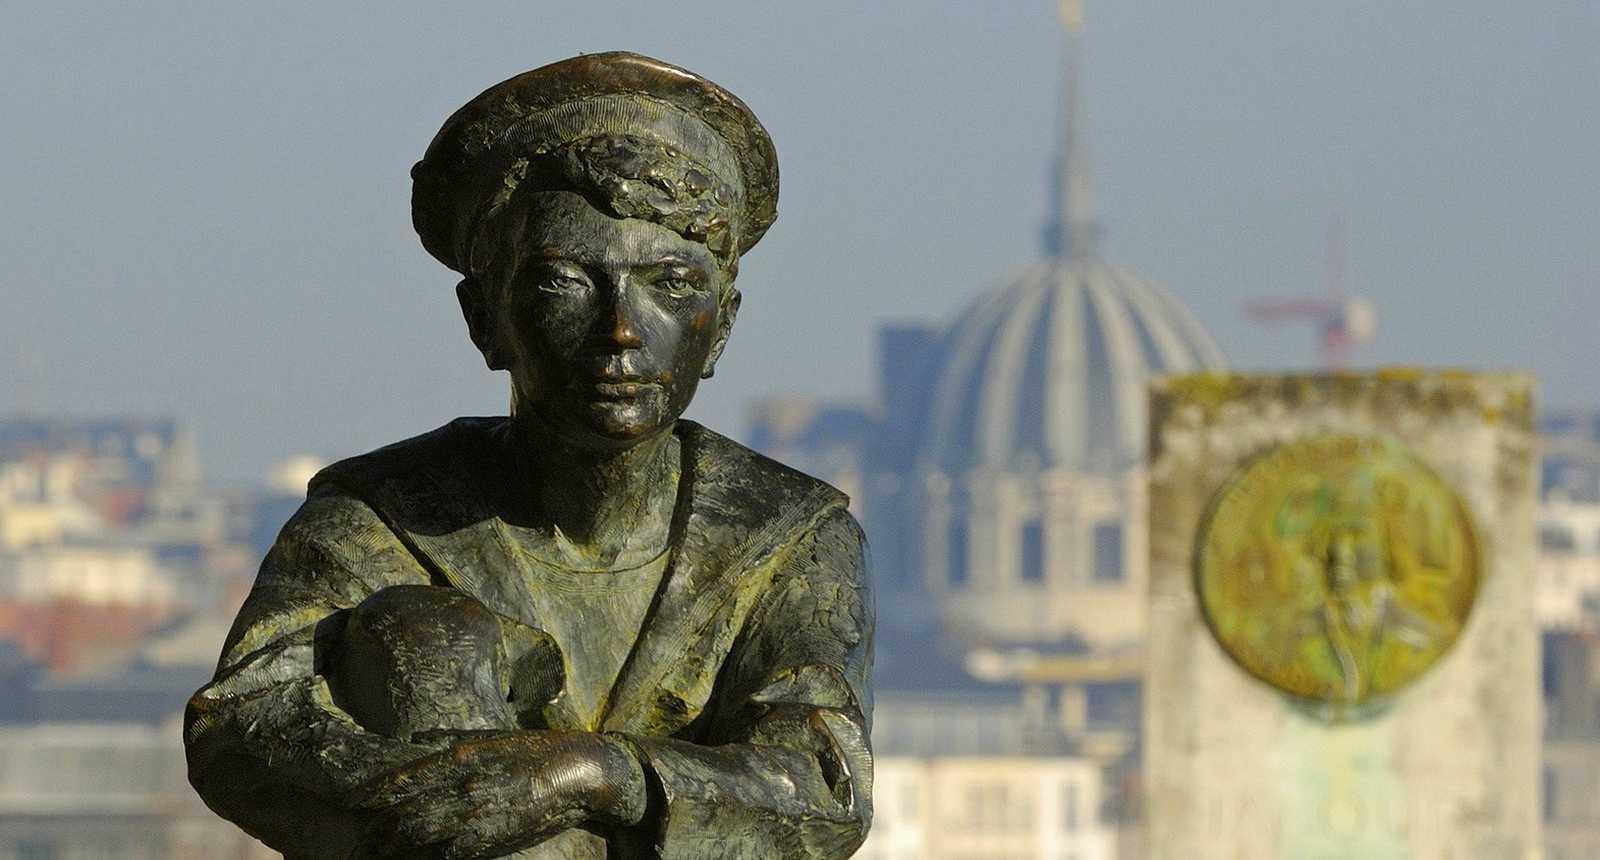 La statue de Jules Verne enfant sur la Butte Sainte-Anne à Nantes